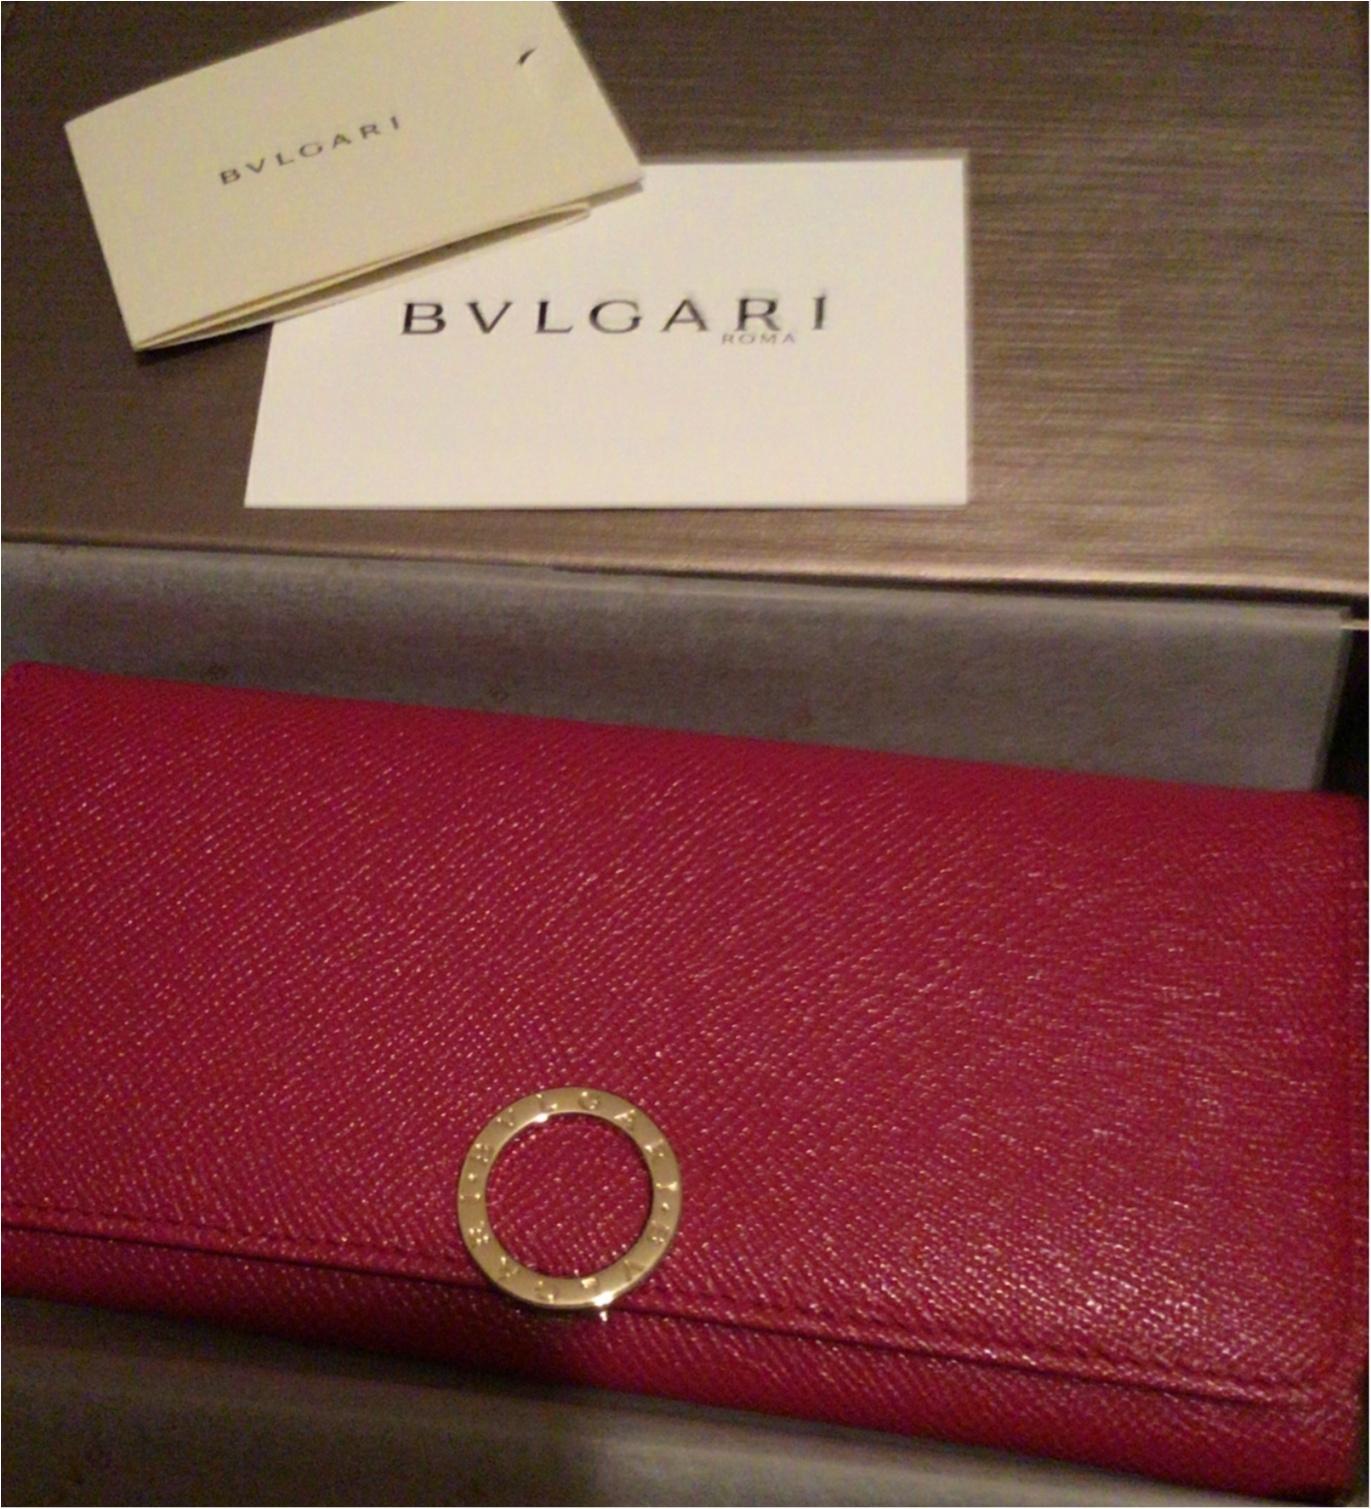 brand new ccb8c 68d99 2018年》心機一転♡「BVLGARI」のお財布に | モアハピ部ブログ ...